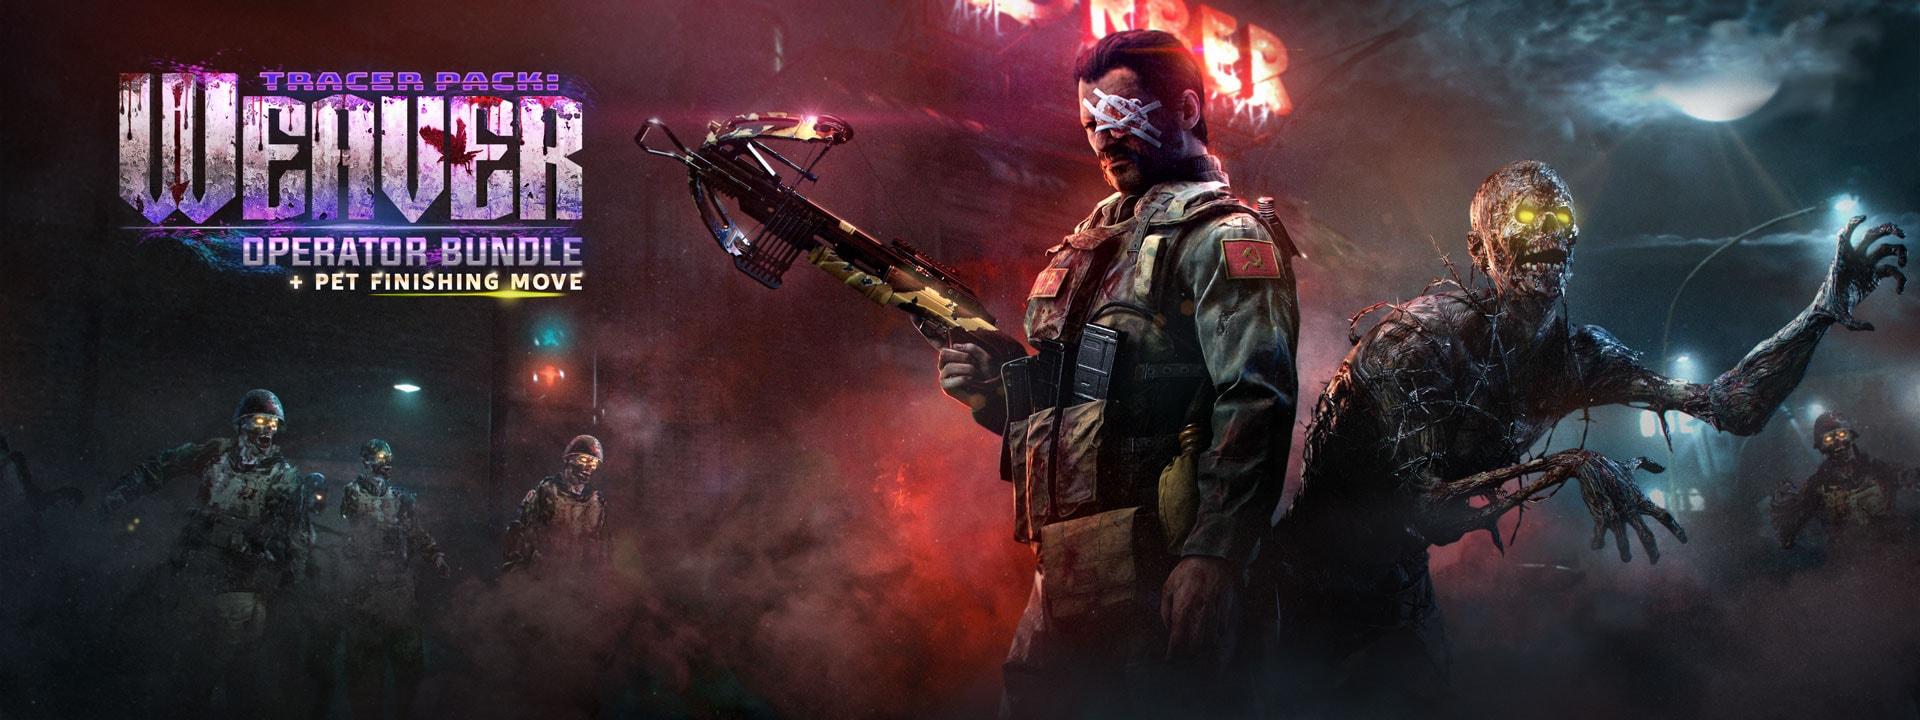 Mann mit bandagiertem Auge hält eine Armbrust neben einem Zombie